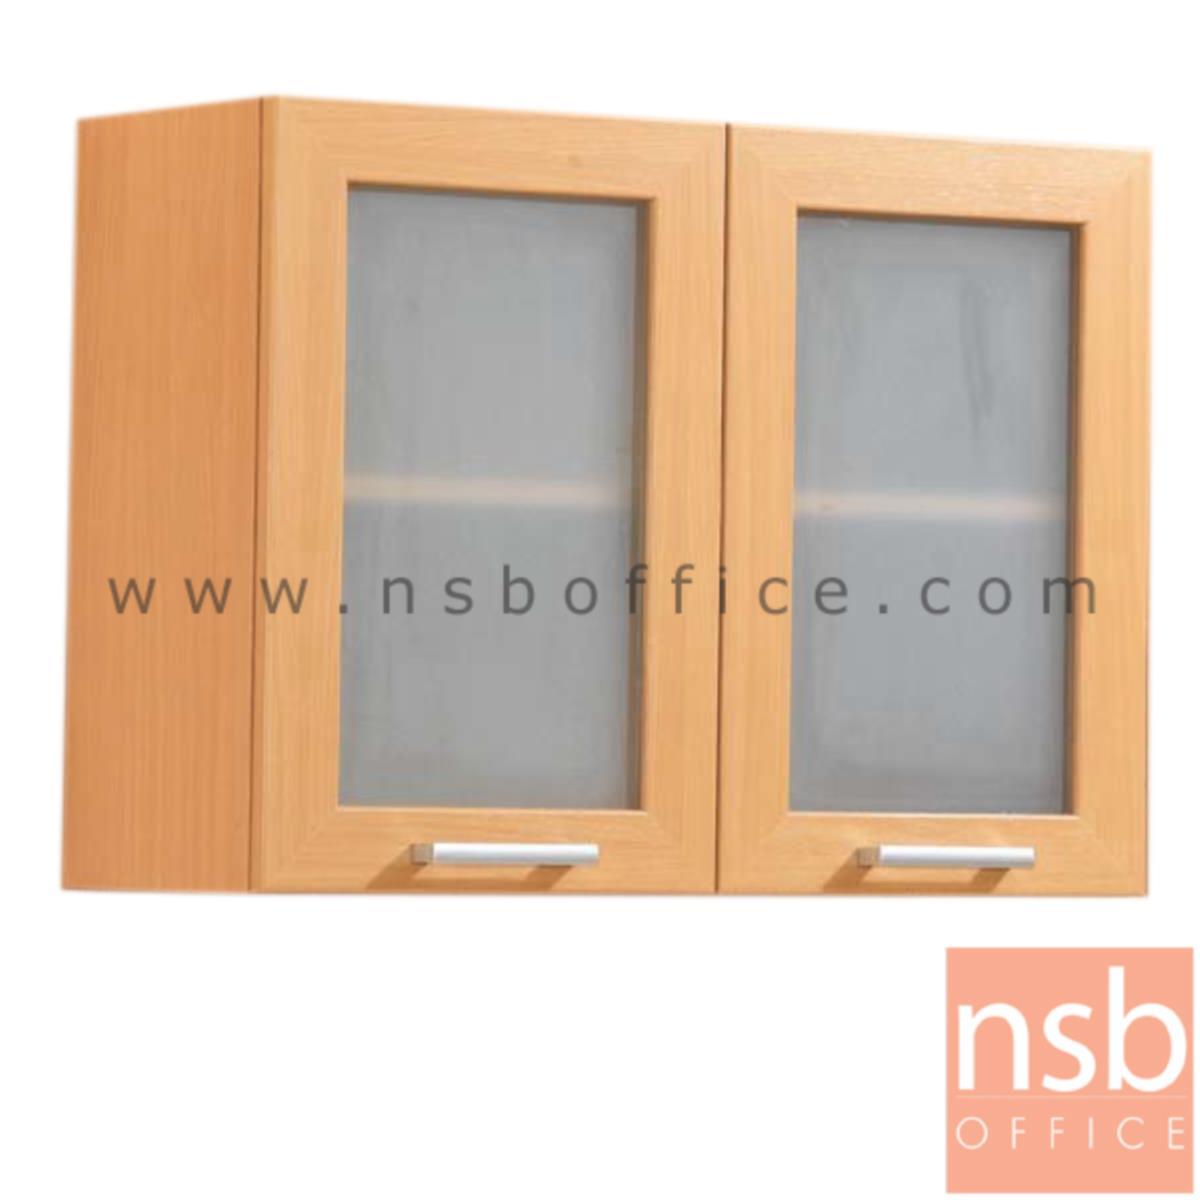 K03A015:ตู้แขวน 2 บานเปิดกระจก สูง 60 ซม. รุ่น  Wisconsin 2 มือจับอลูมิเนียม